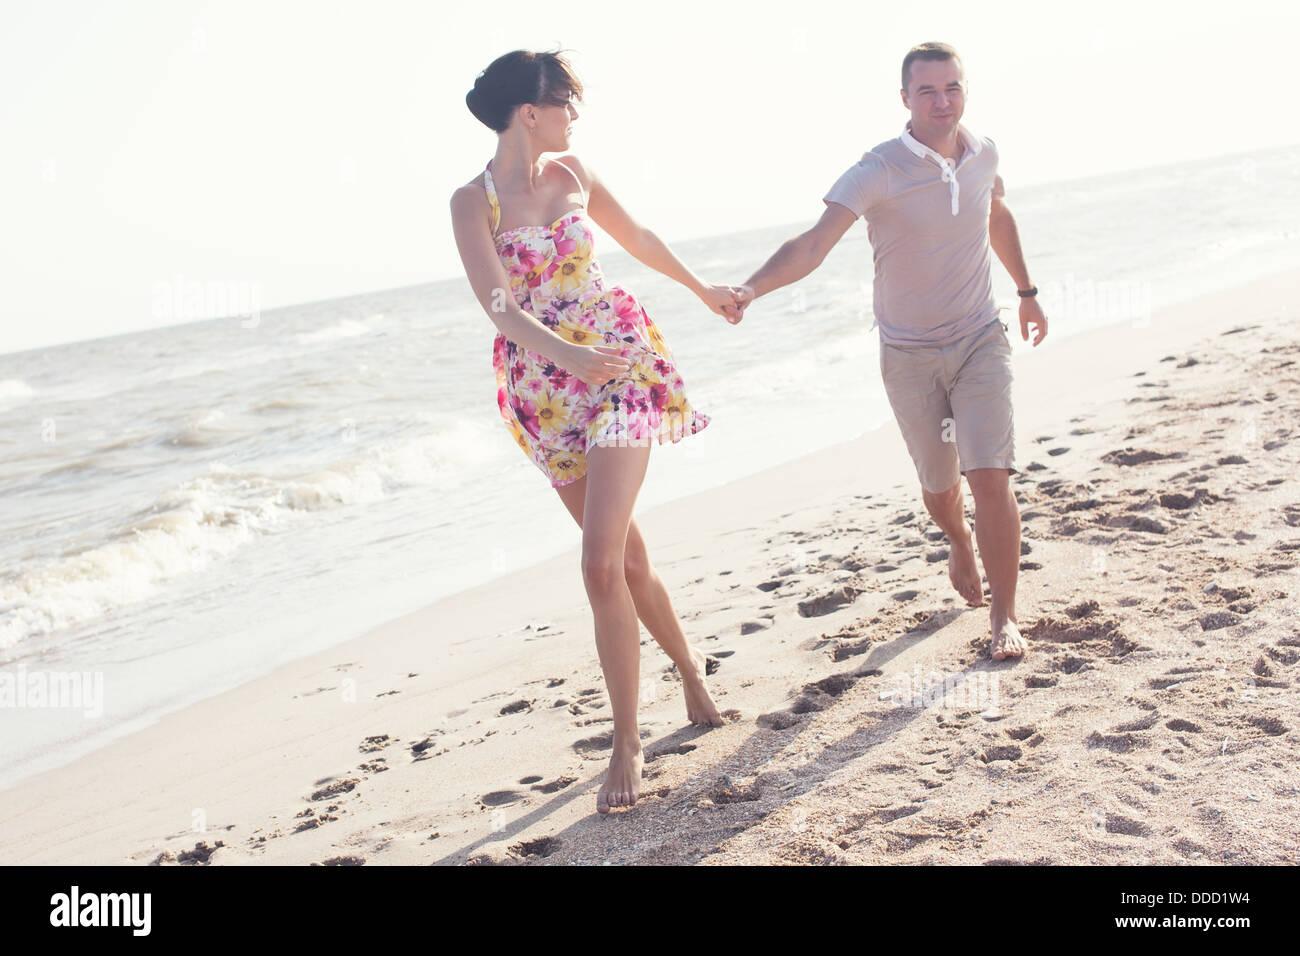 Imagen dinámica de marcha pareja en la playa. Cogidos de la mano. Verano divertido Foto de stock